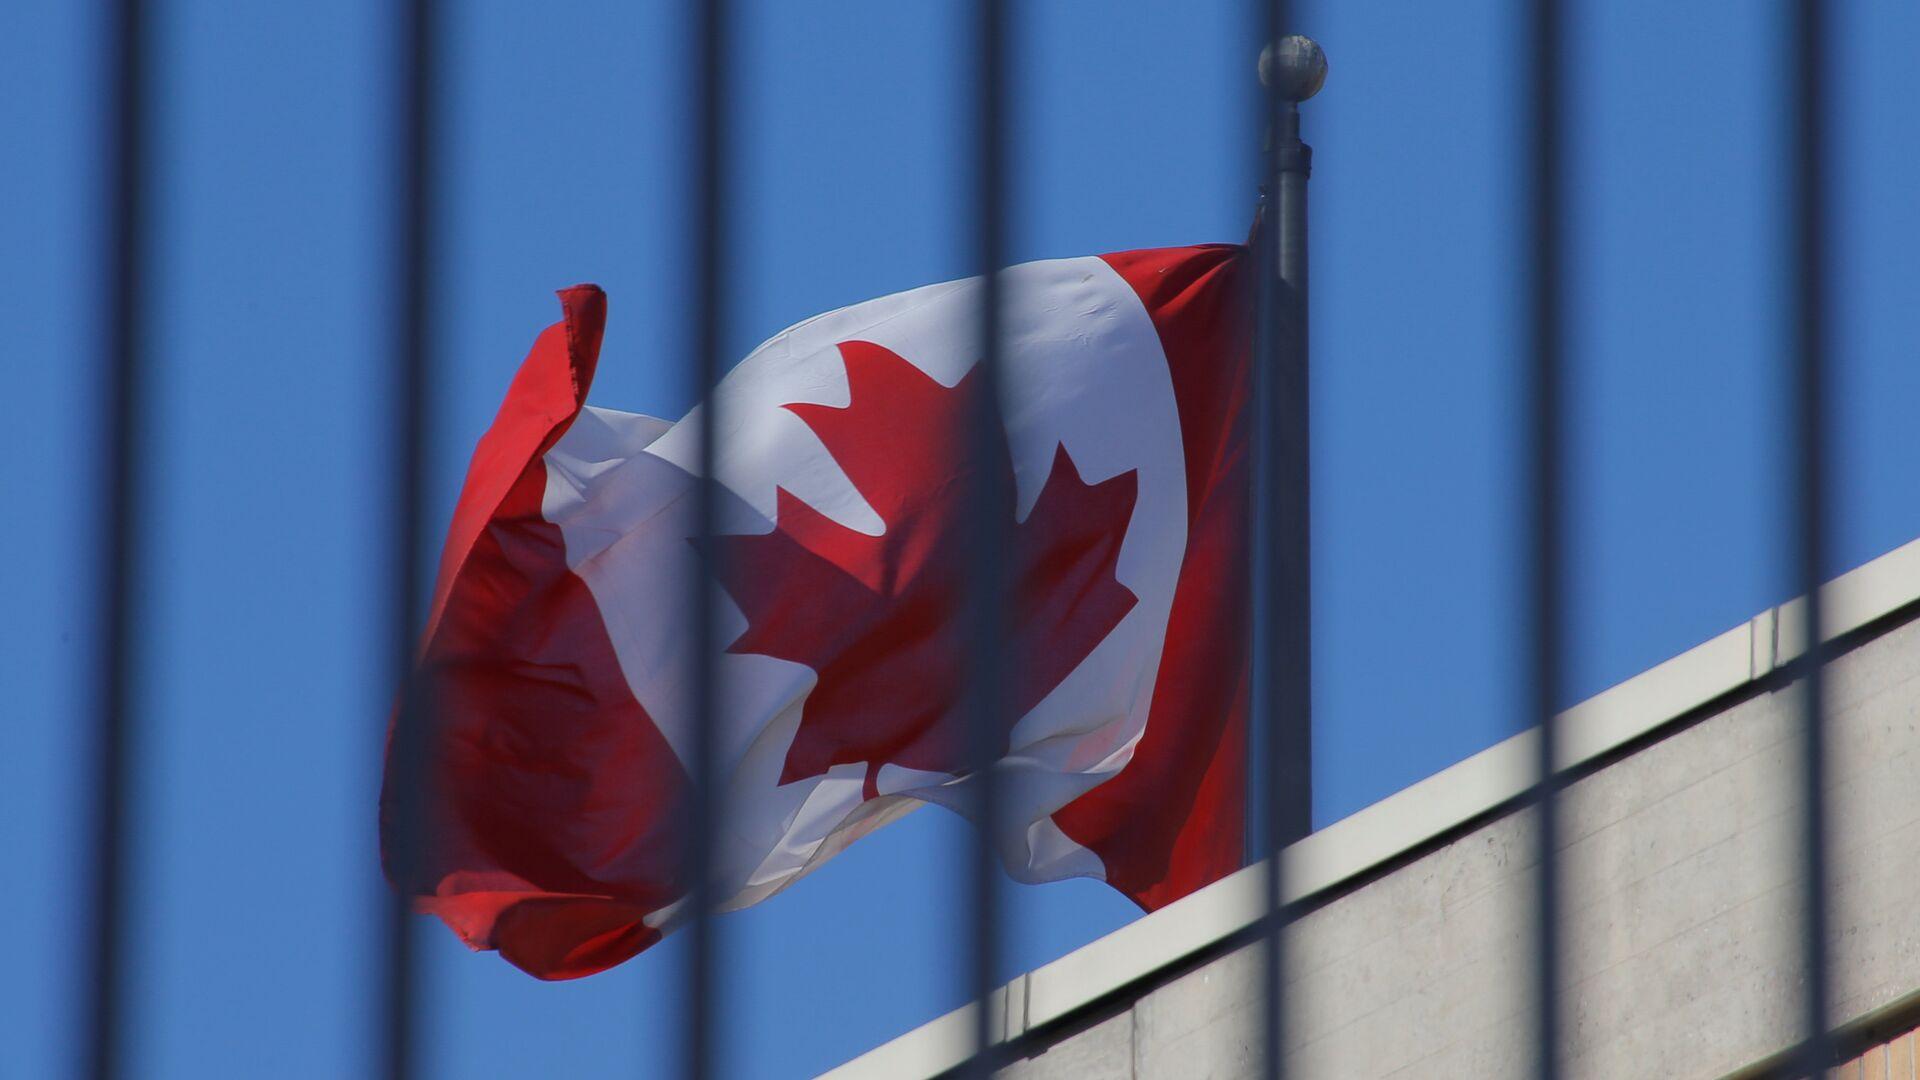 Bandera de Canadá - Sputnik Mundo, 1920, 29.03.2021